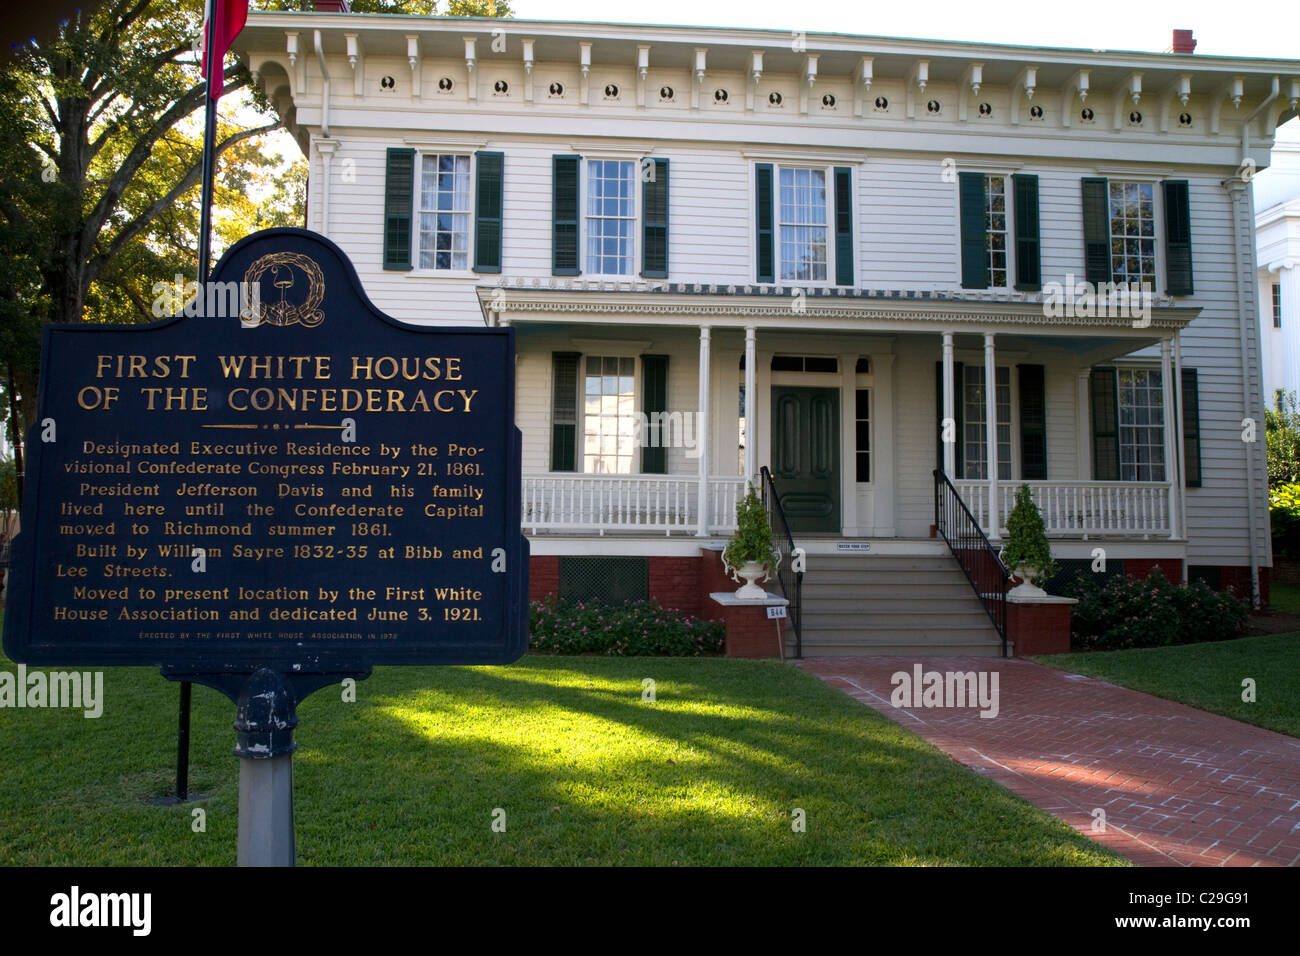 La primera casa blanca de la Confederación fue la residencia del presidente Jefferson Davis en Montgomery, Alabama, Foto de stock